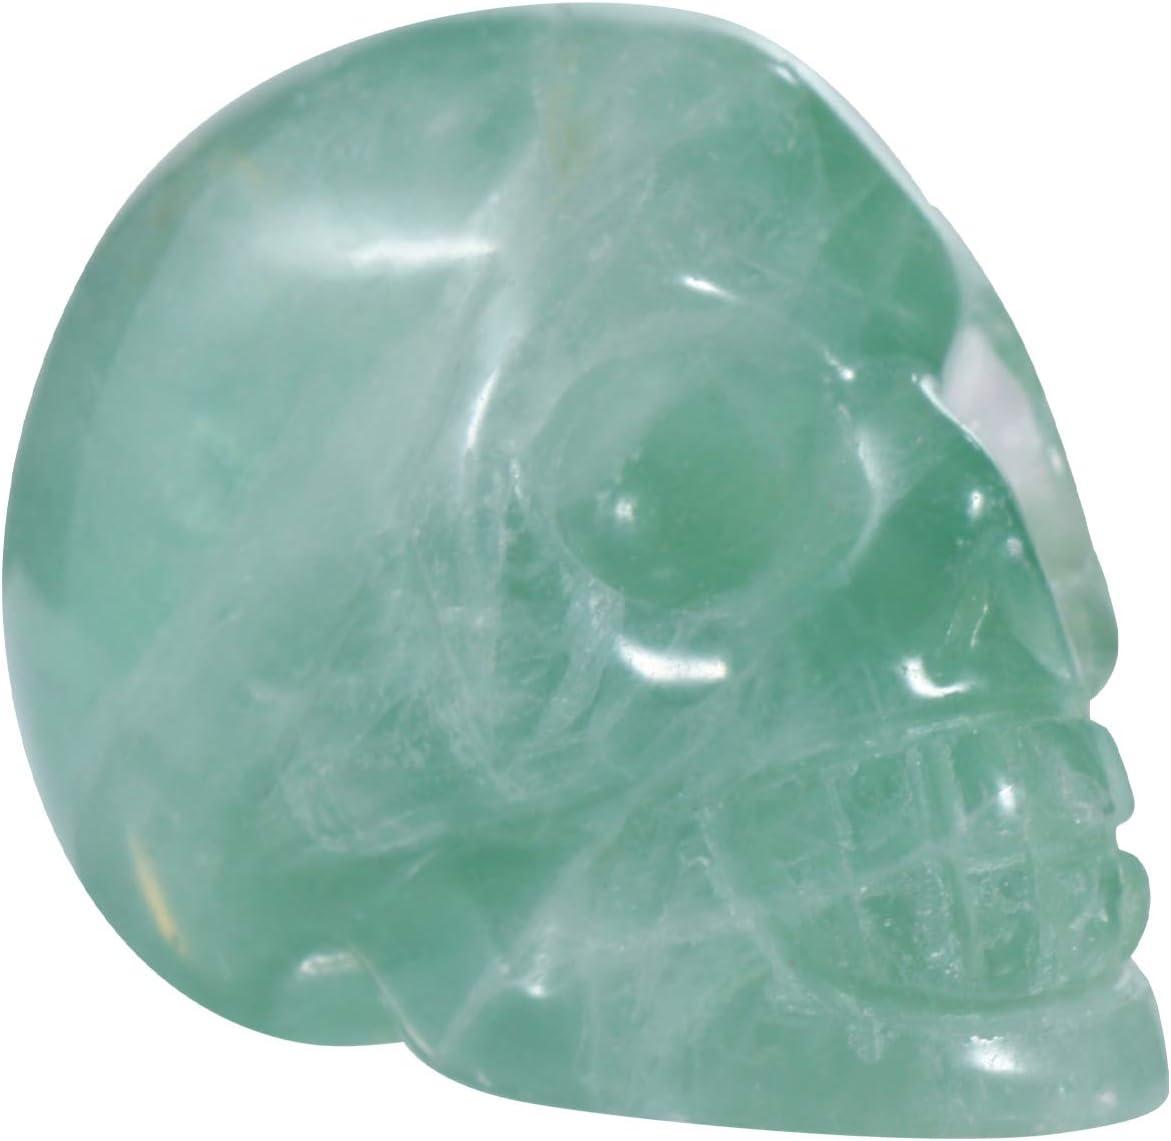 Cabilock Jade Tallado Cr/áneo Piedra Cristal Calavera Escultura Tallada Piedra Preciosa Estatua Estatuilla Halloween Hogar Escritorio Decoraci/ón